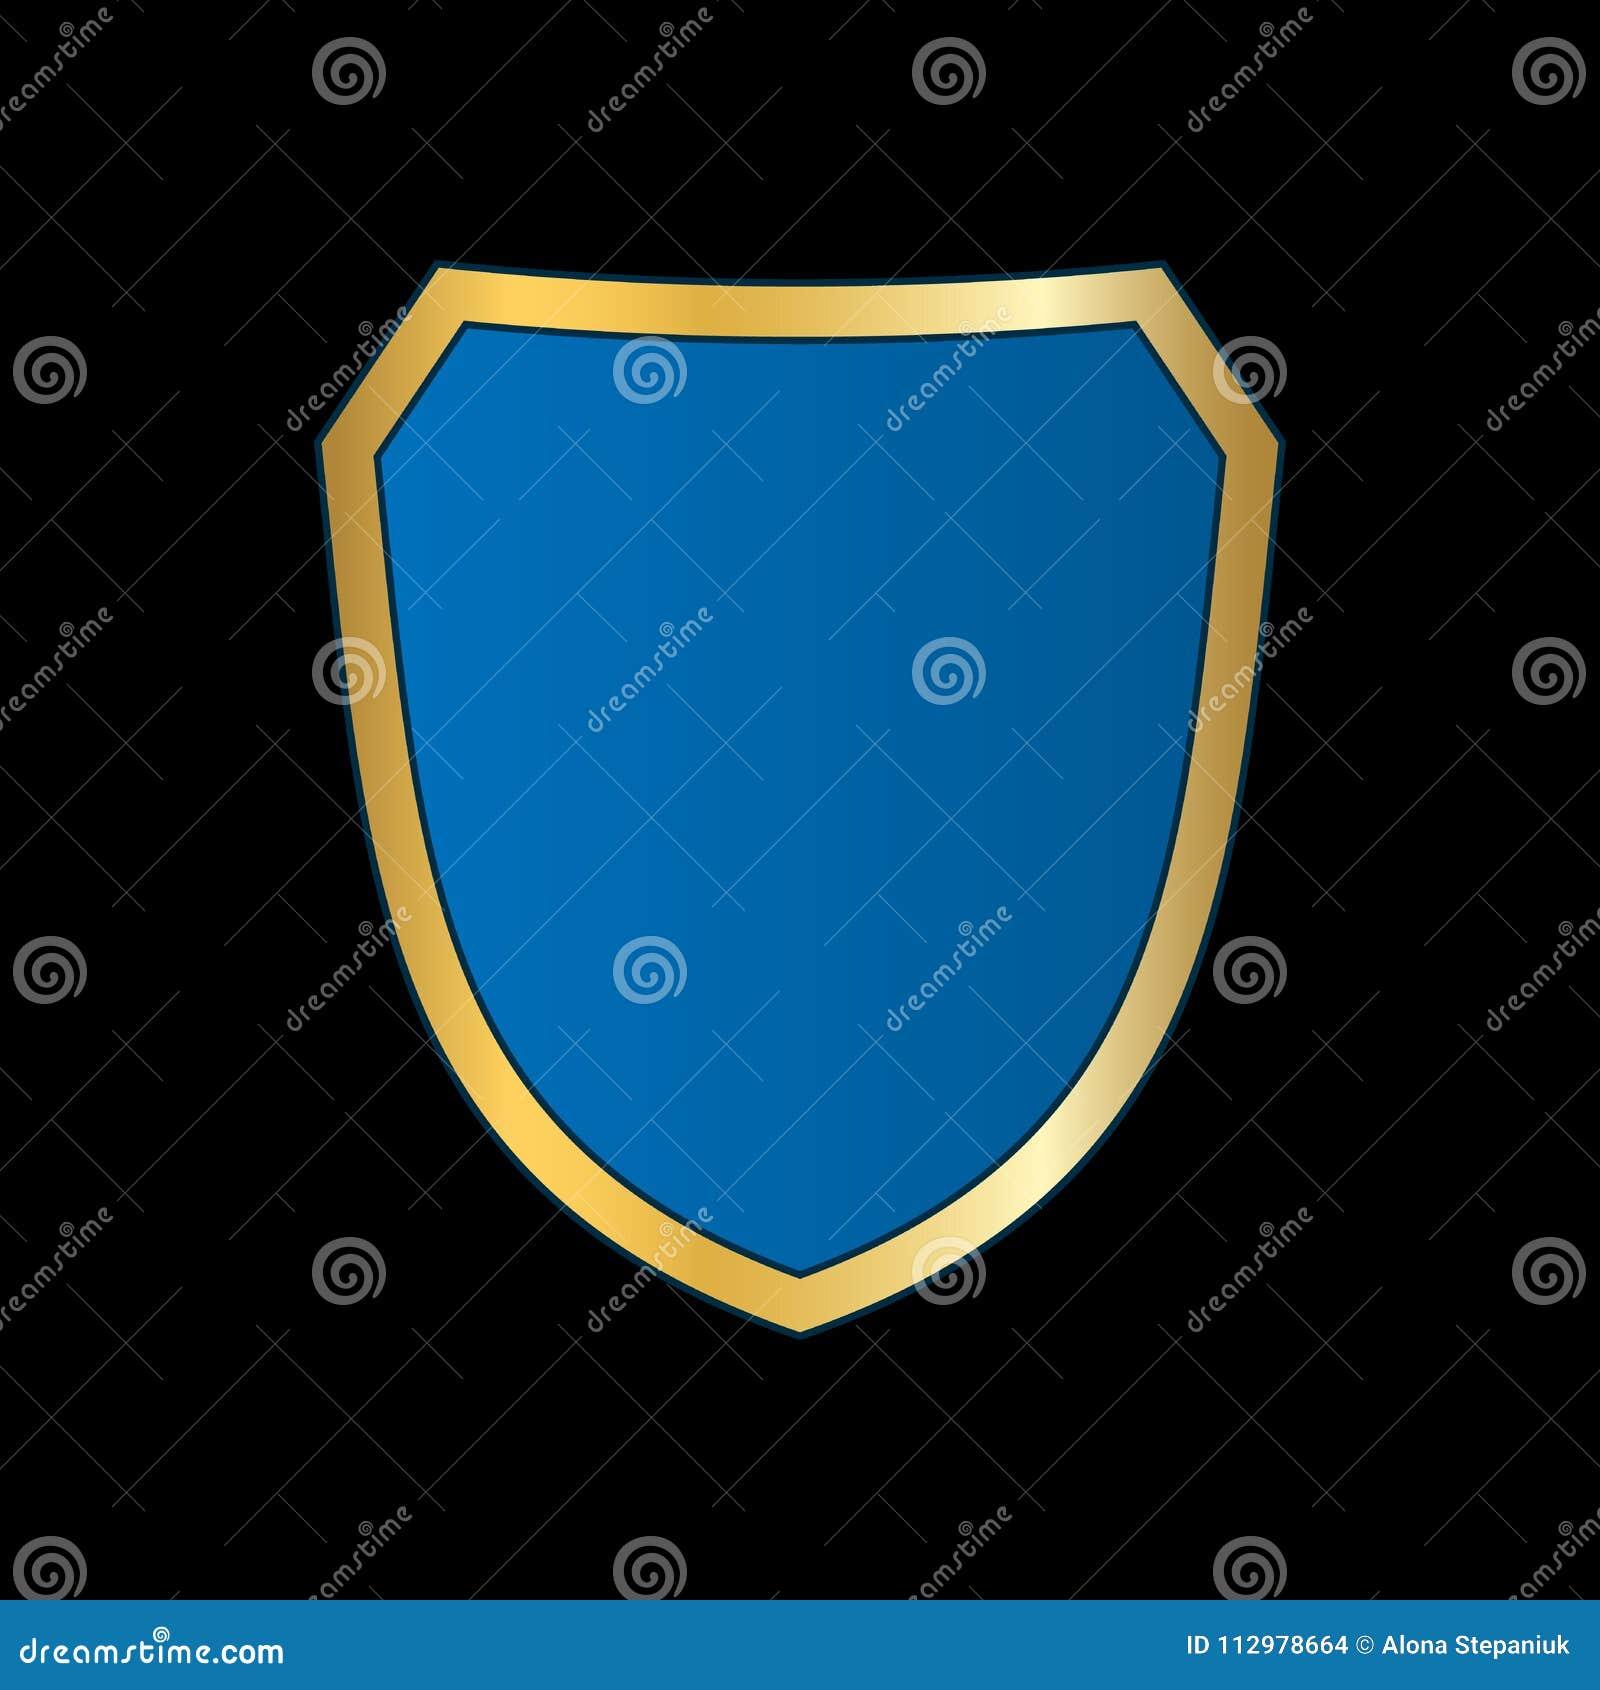 Gold-blue shield shape icon. Bright logo emblem metallic sign isolated on black background. Empty shape shield. Symbol